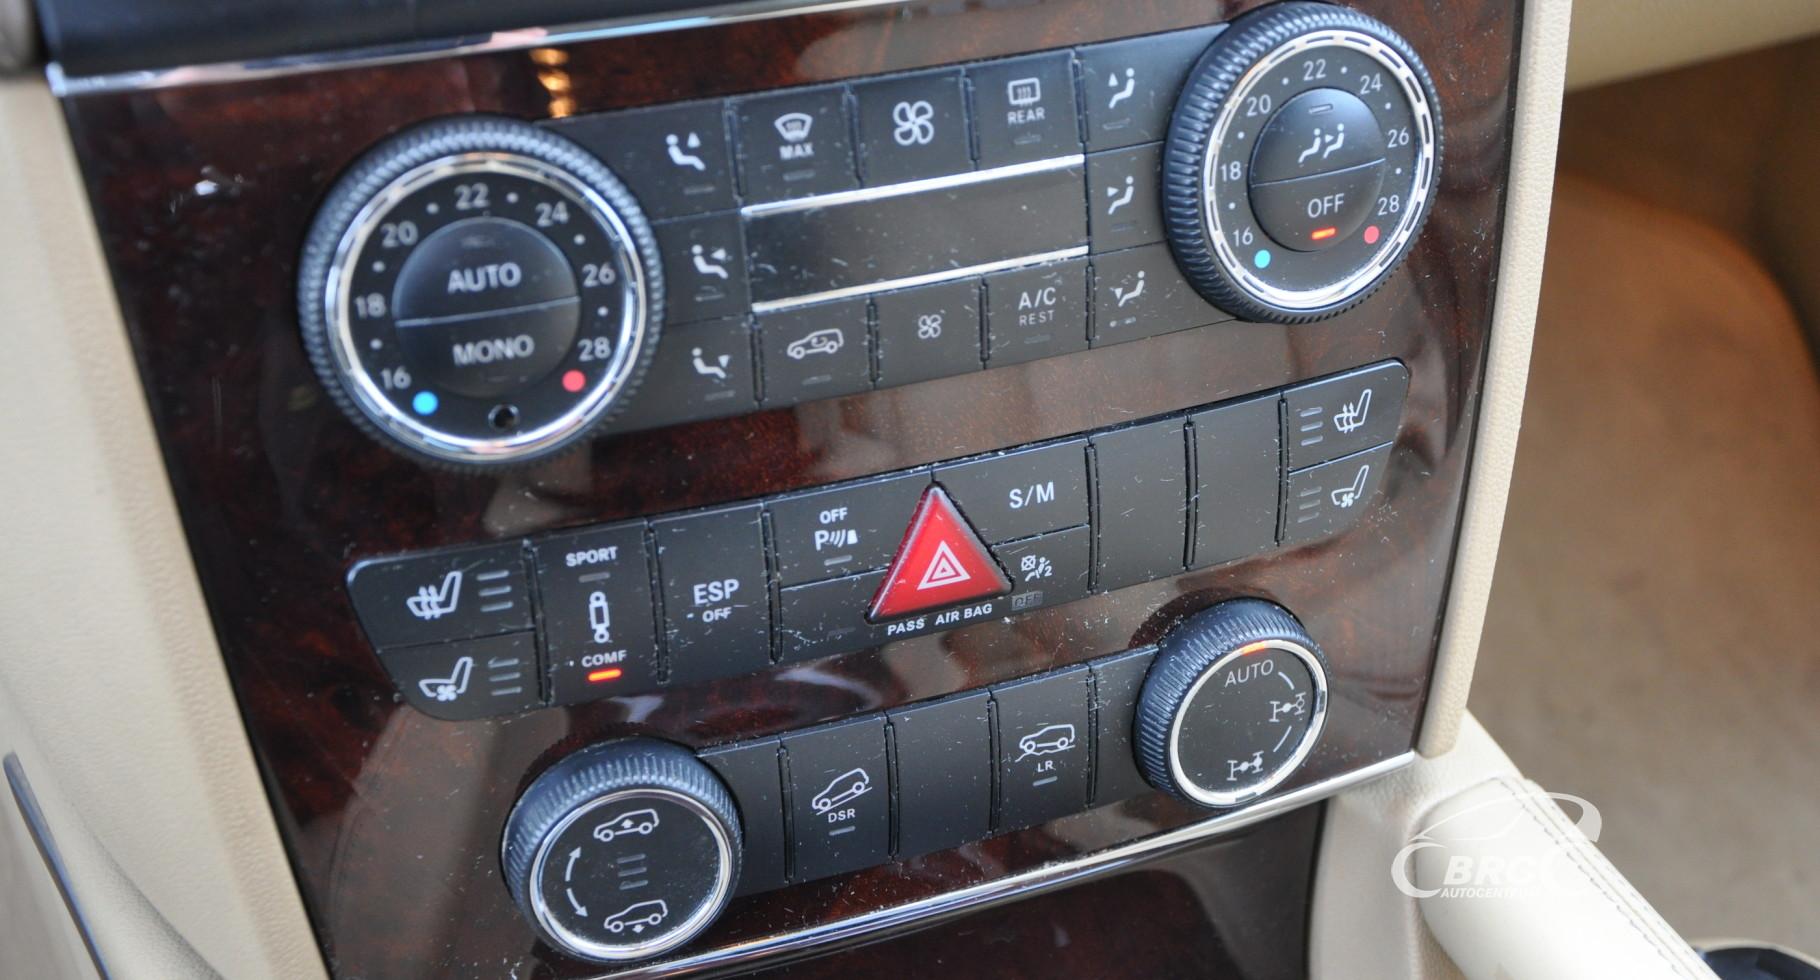 Mercedes-Benz GL 420 CDI 4Matic Automatas